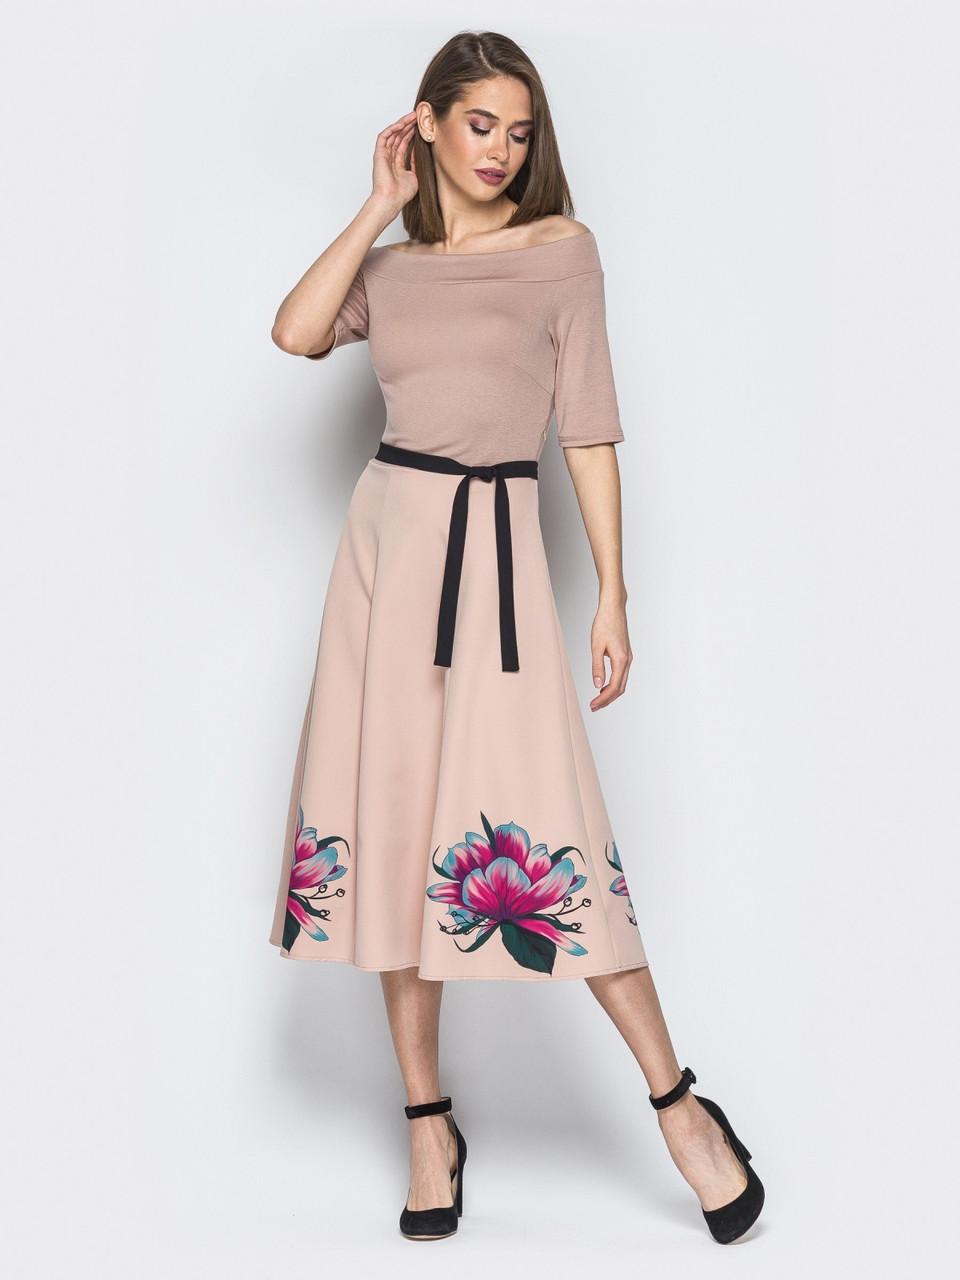 5adb2af5350 Стильное женское платье в пастельных тонах р.44